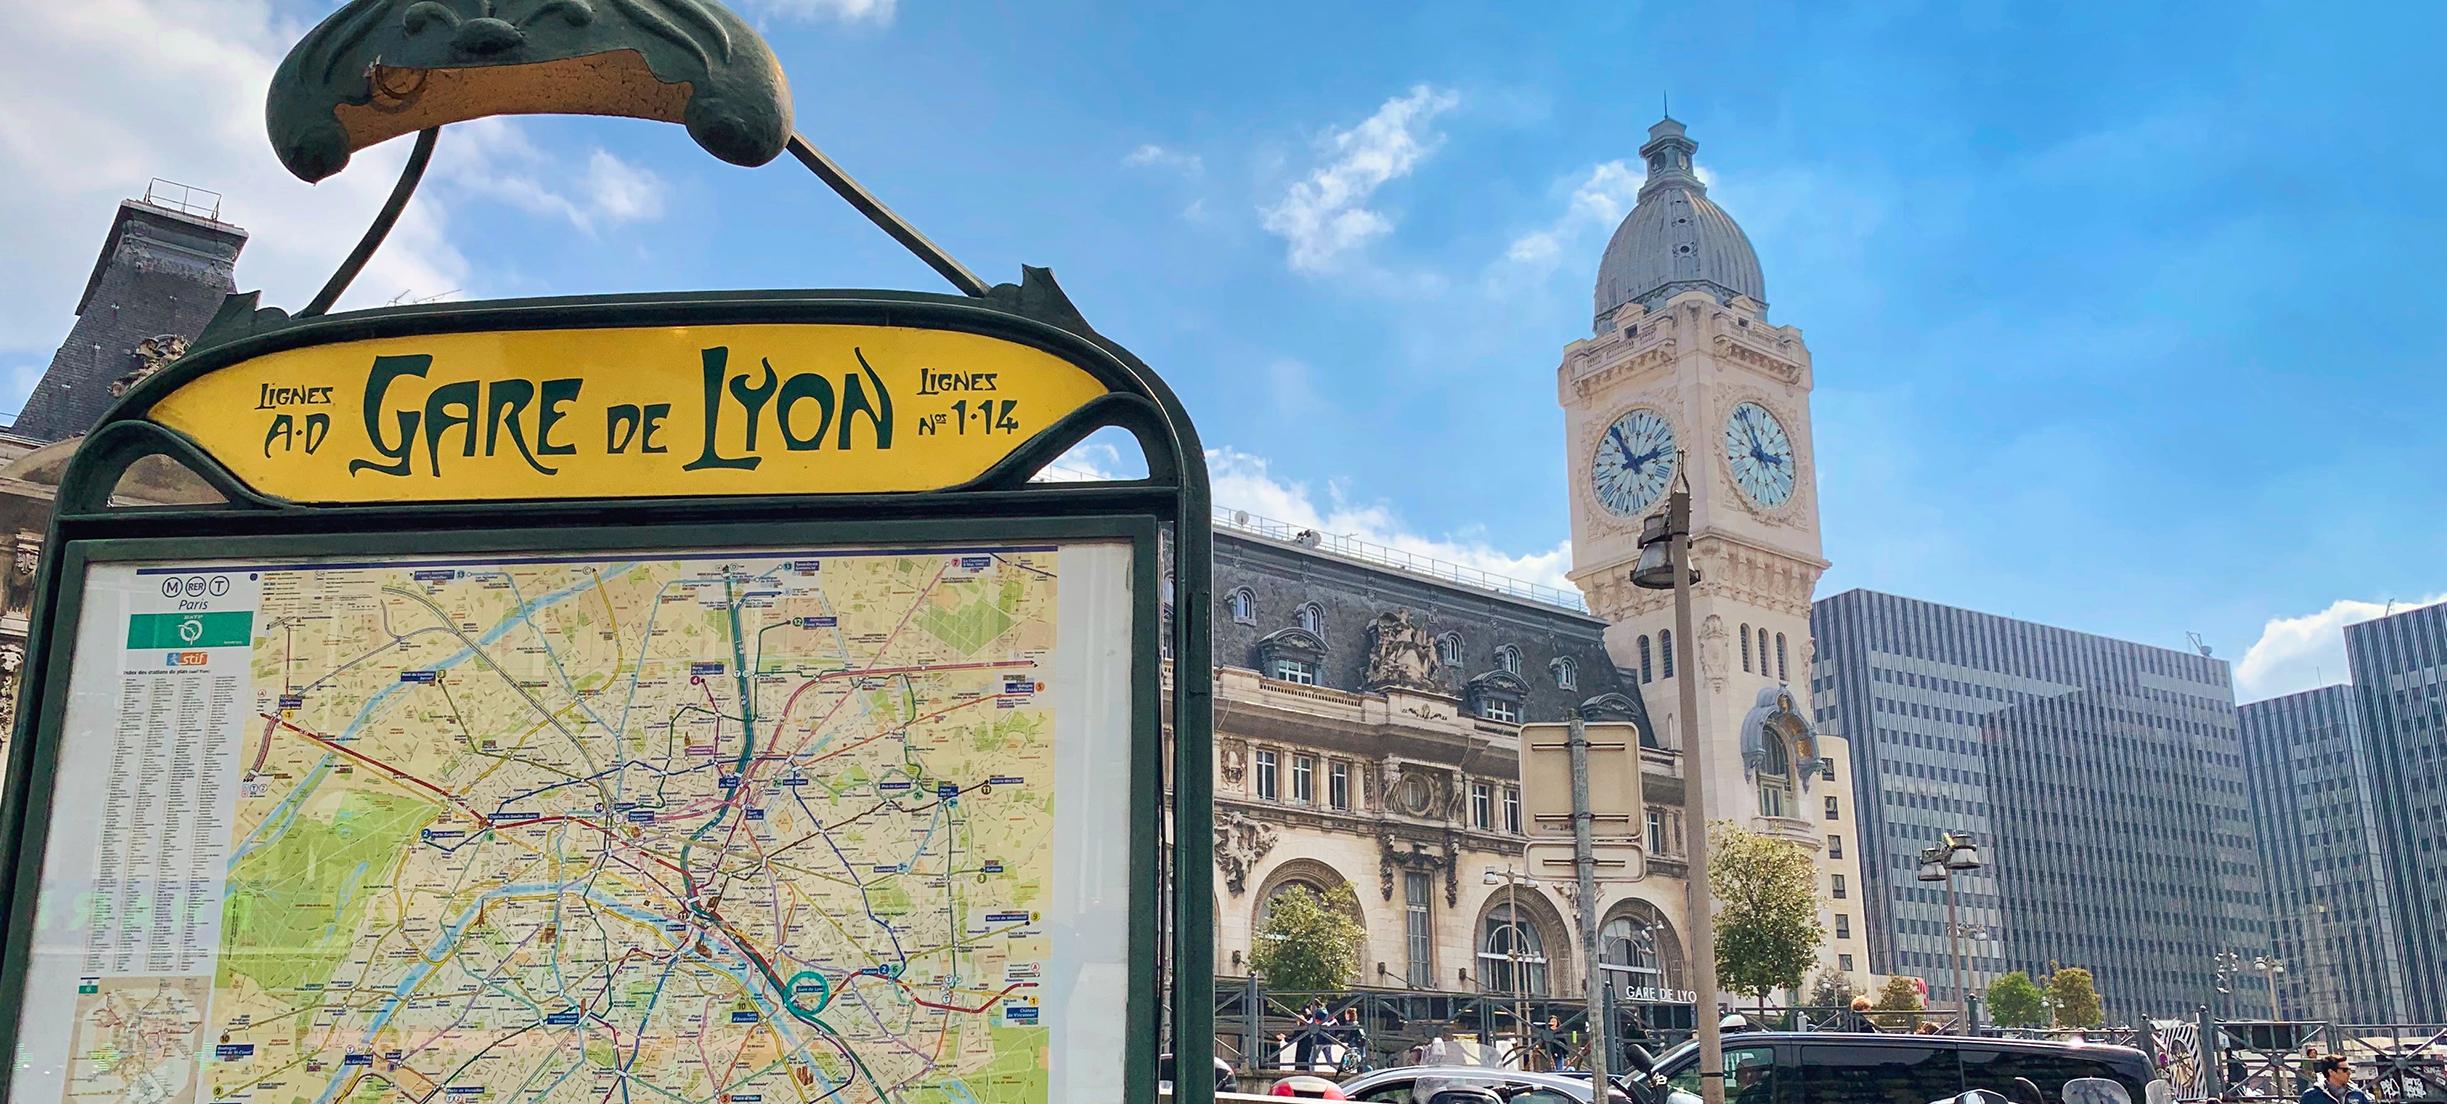 Verplicht met de trein: Frankrijk wil verbod op korte binnenlandse vluchten